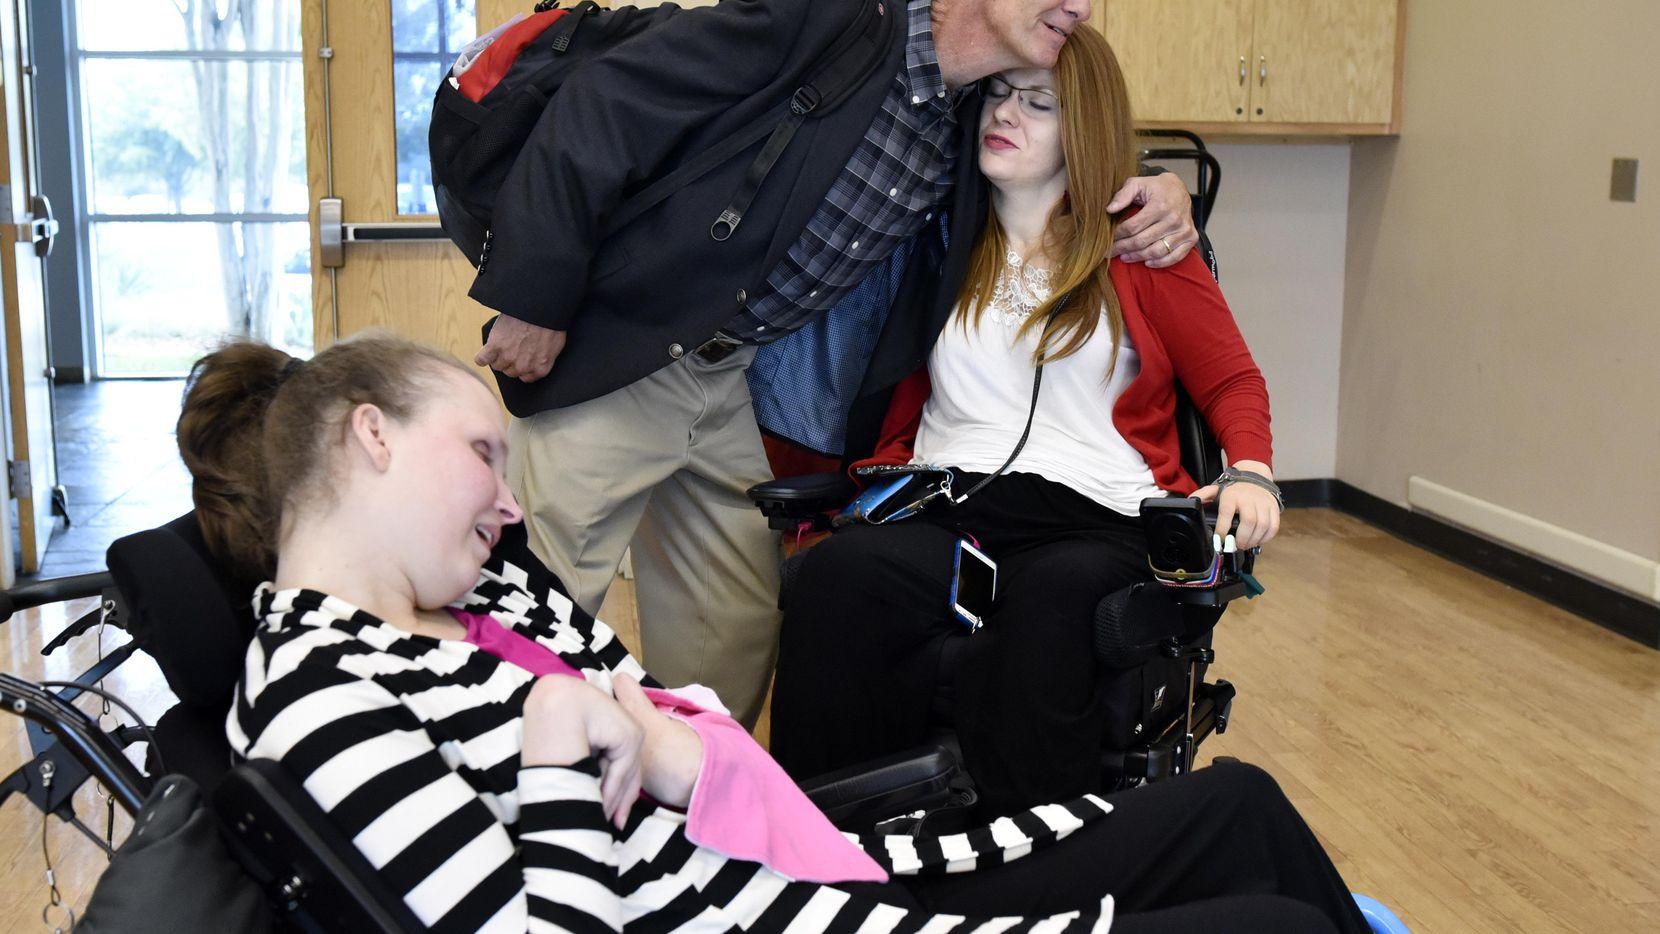 Jackie Murpree, de 30 años, junto a su padre Pat, quien abraza a Tanya Winchester, quien contó la experiencia que la dejó parapléjica. Cinco condados anunciaron una iniciativa contra los conductores ebrios.  ——-  Un vehículo chocado se exhibe coomo recordatorio de lo que el alcohol puede causar en las carreteras. El miércoles se anunció una campaña contra el DWI en el Norte de Texas. (ESPECIAL PARA AL DÍA  ——-  ESPECIAL PARA AL DÍA/BEN TORRES  ——-  BEN TORRES)